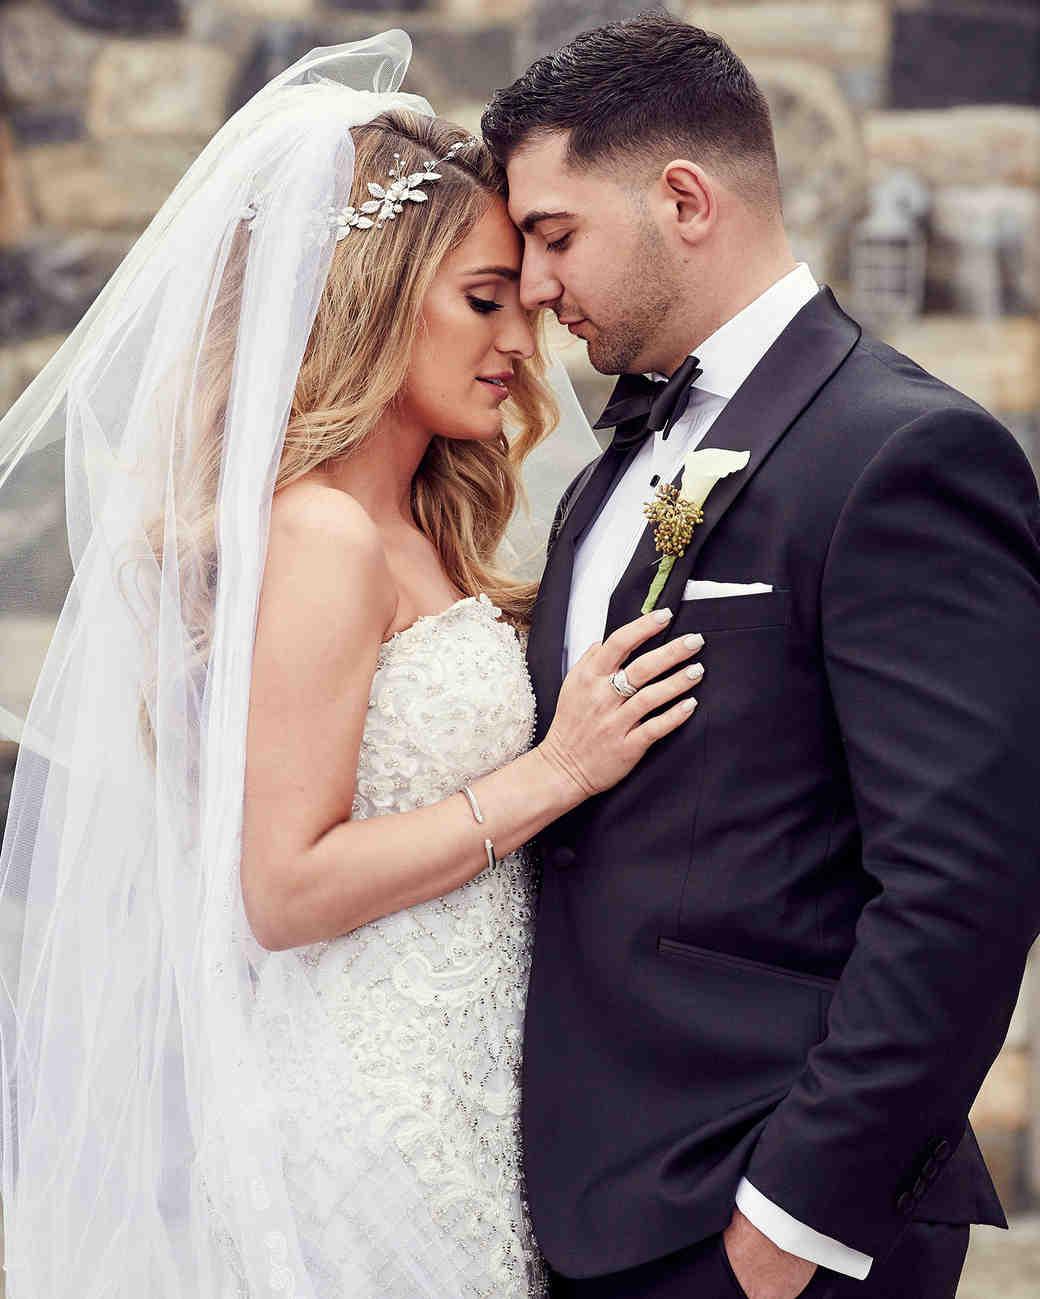 shqipe zenel wedding couple